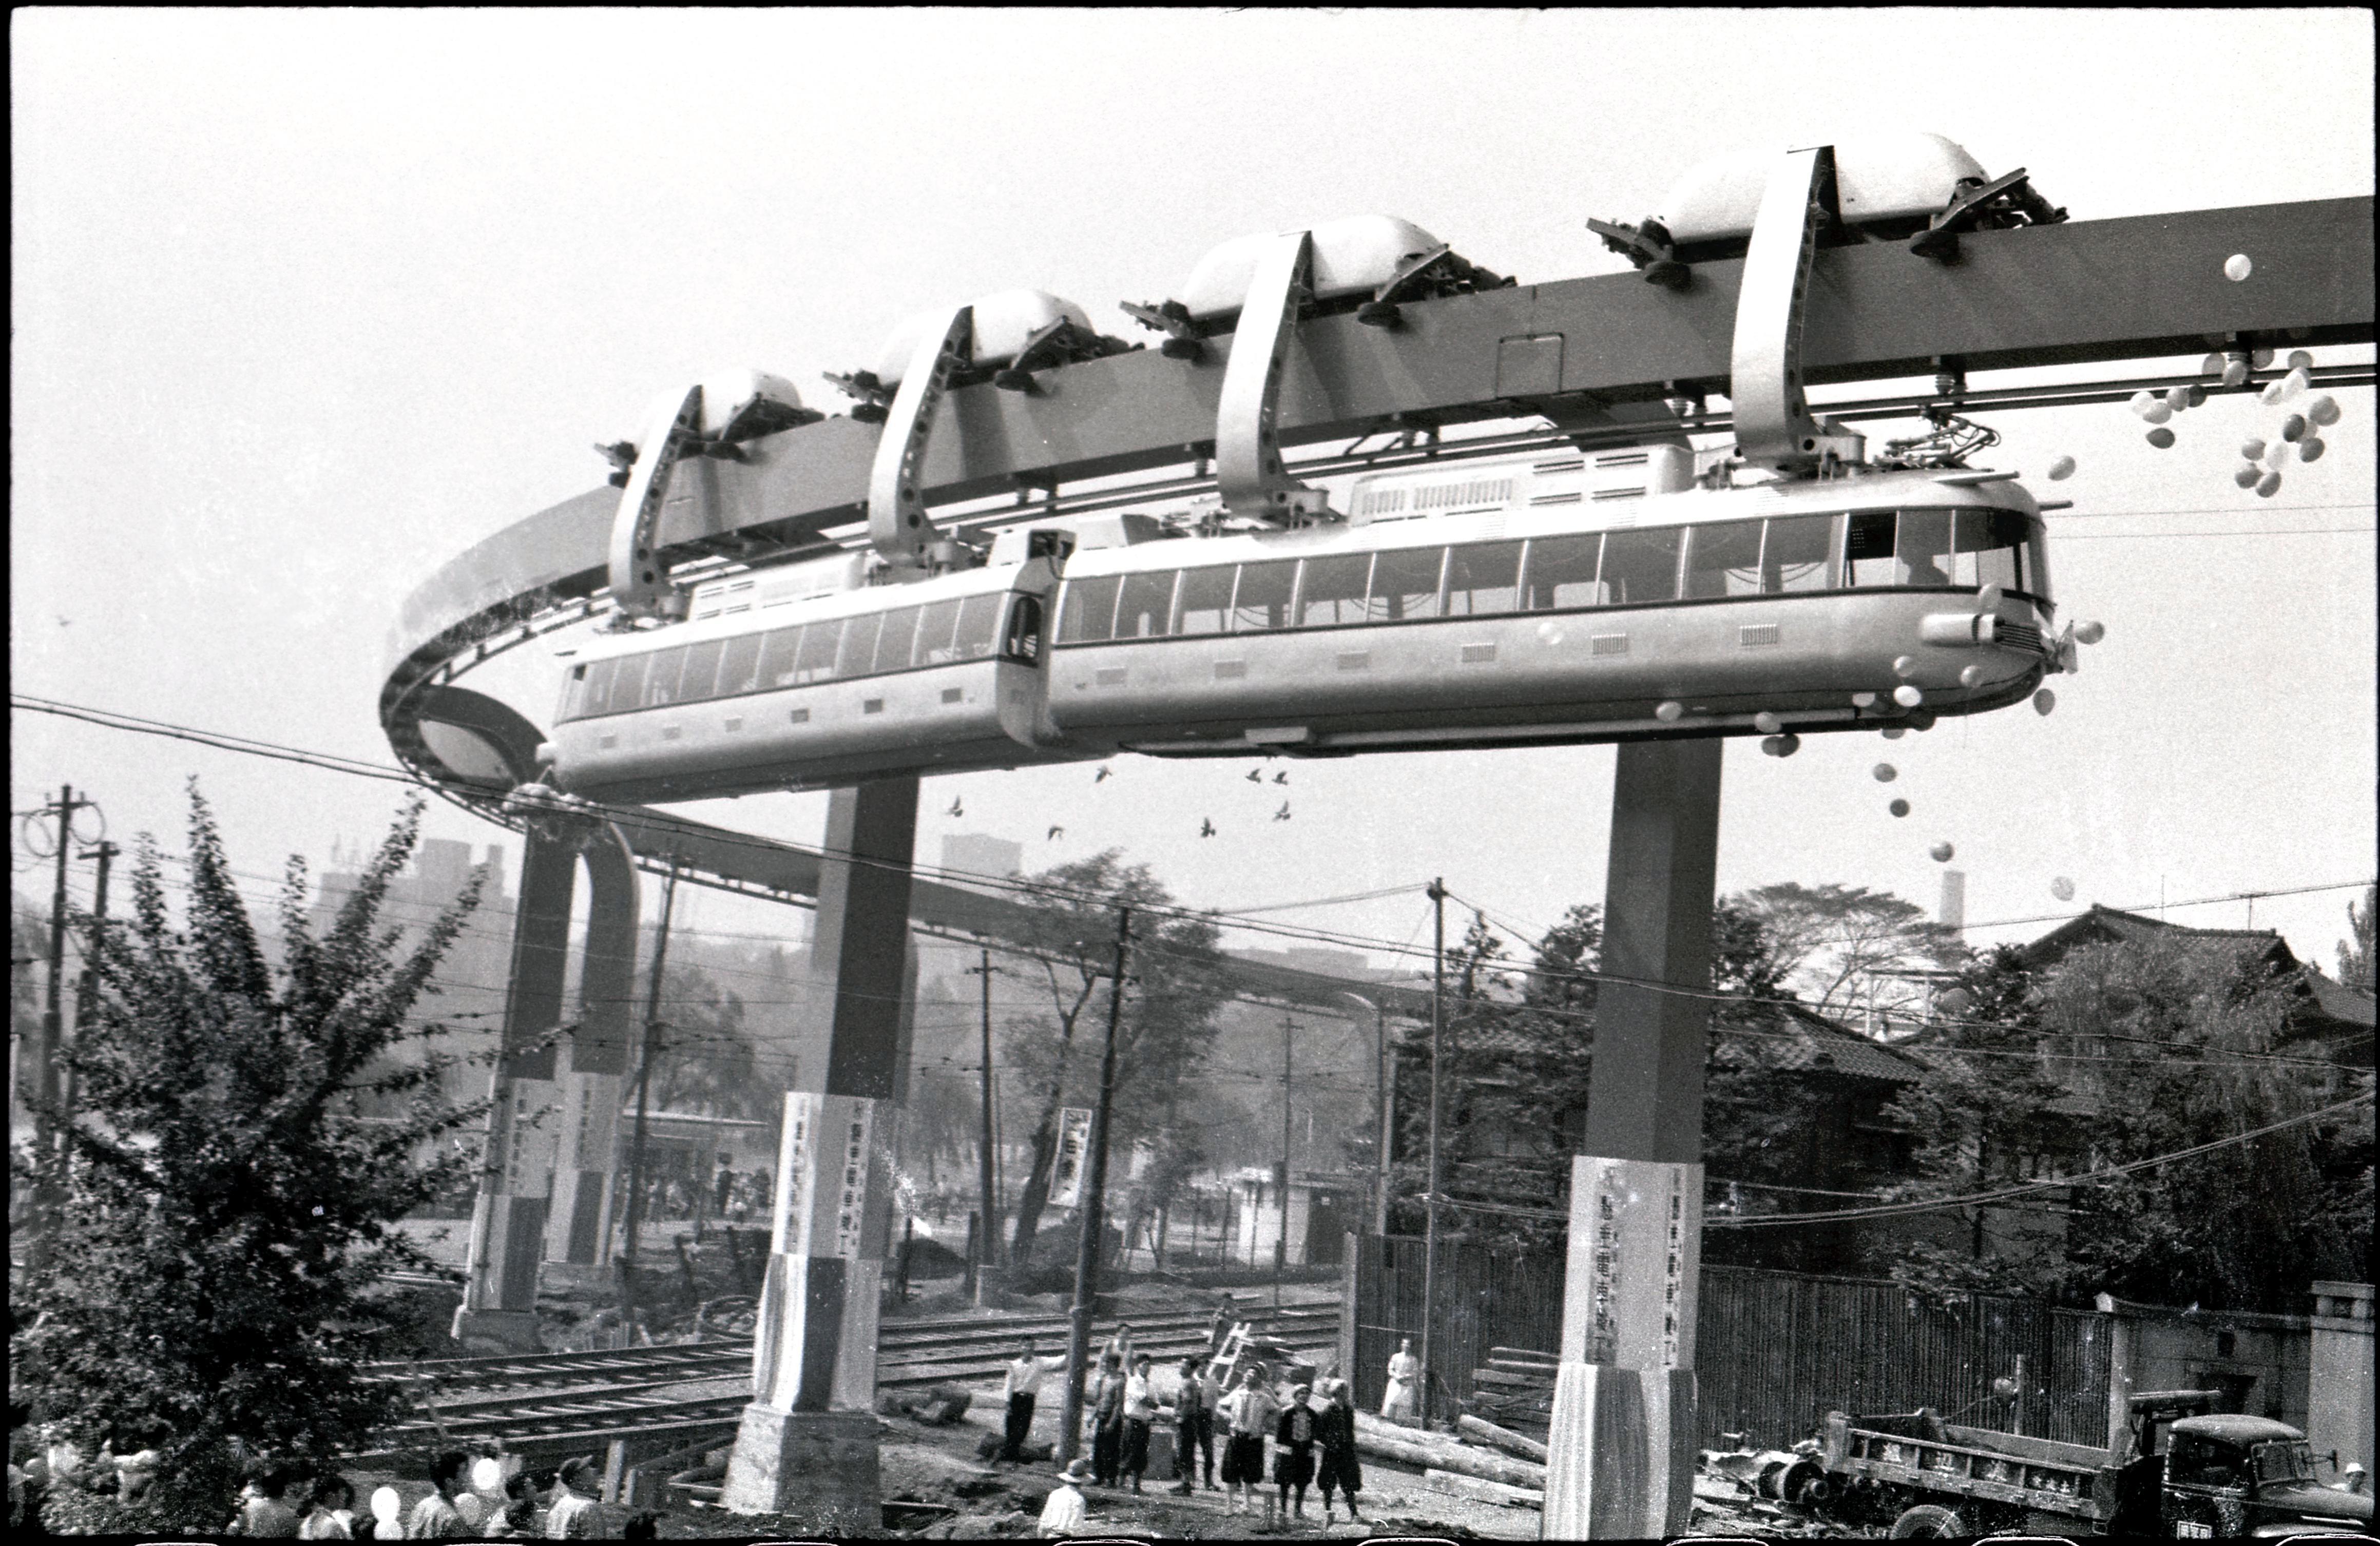 150点にのぼる写真から、昭和の記憶が甦る